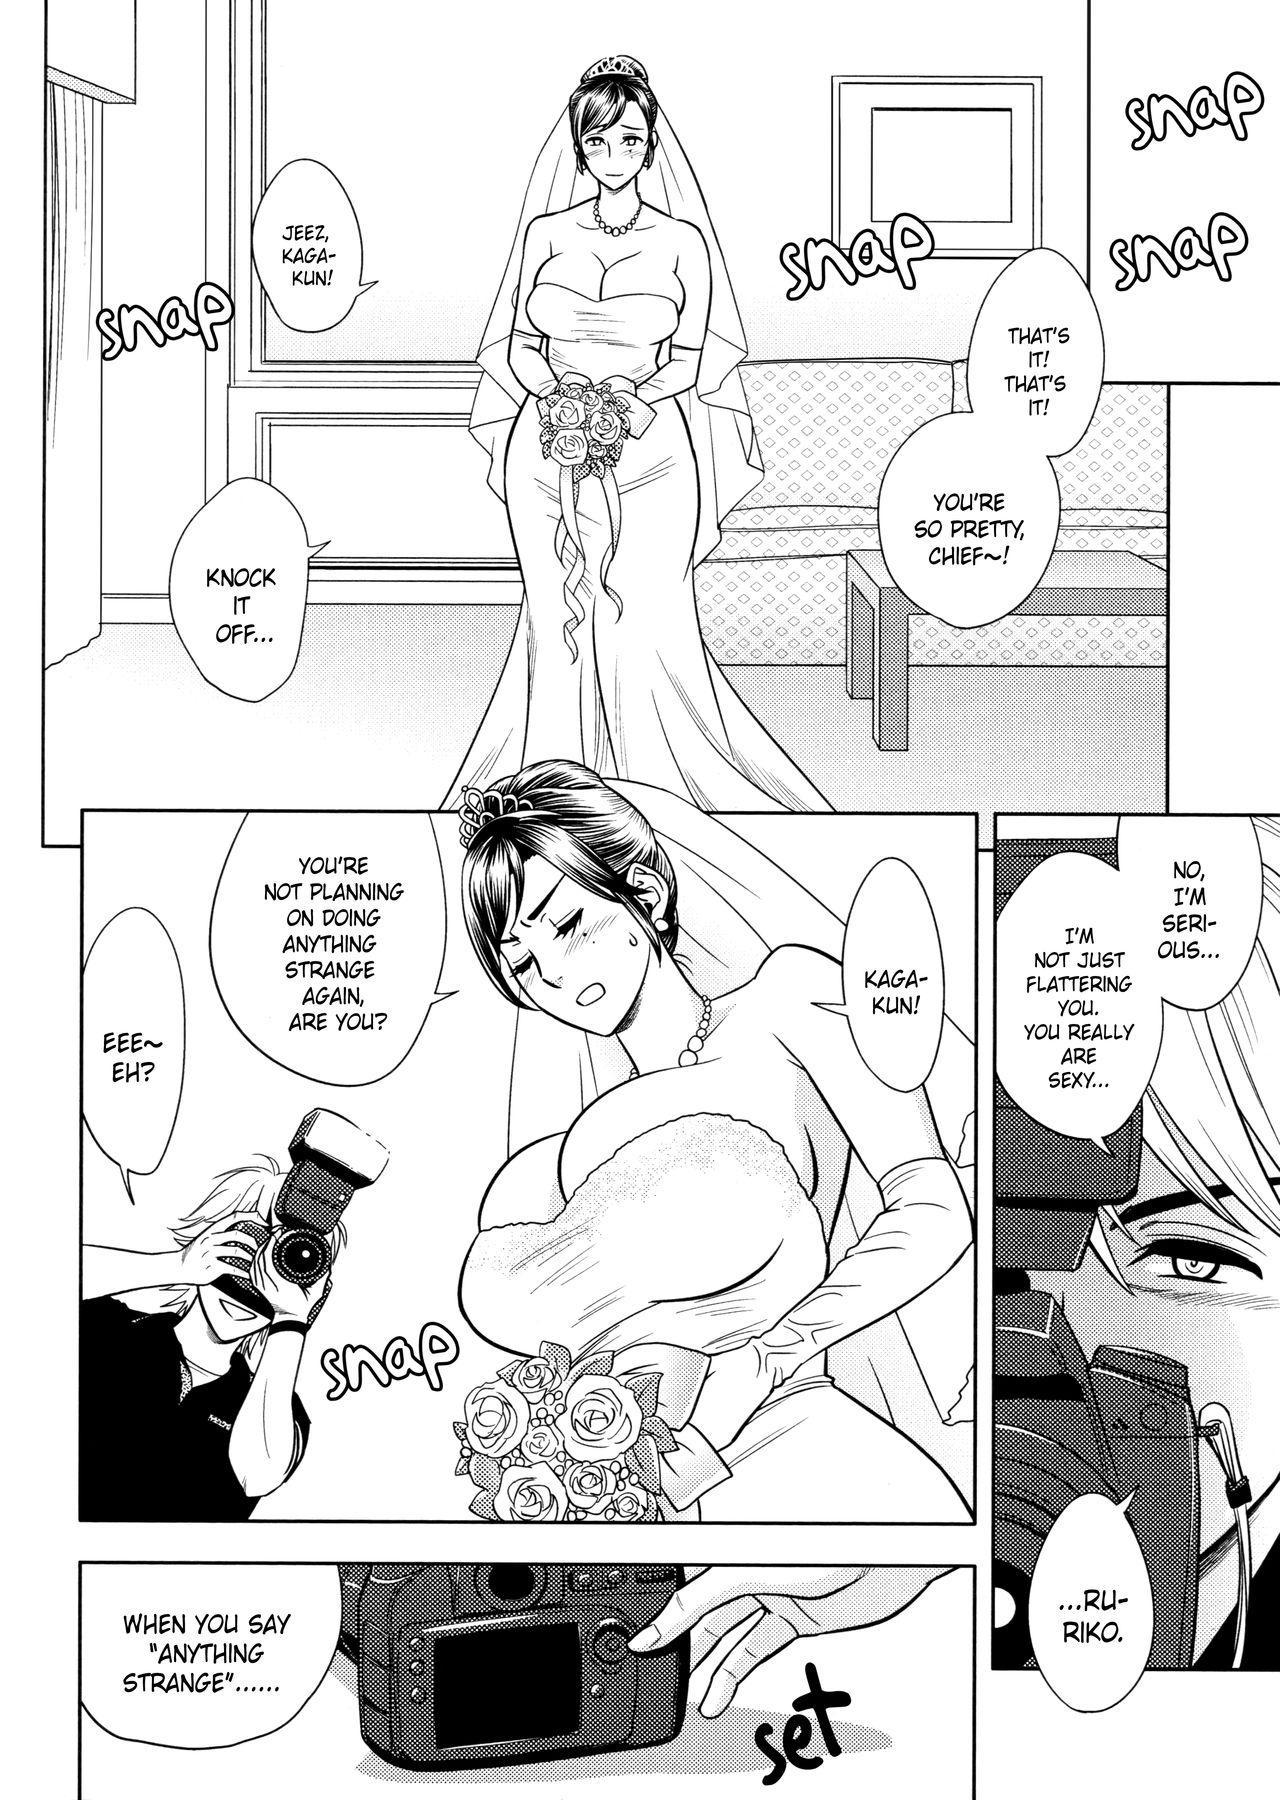 [Tatsunami Youtoku, Yamazaki Masato] Bijin Henshuu-chou no Himitsu | Beautiful Editor-in-Chief's Secret Ch. 1-5 [English] [Forbiddenfetish77, Red Vodka, Crystalium] [Decensored] 87